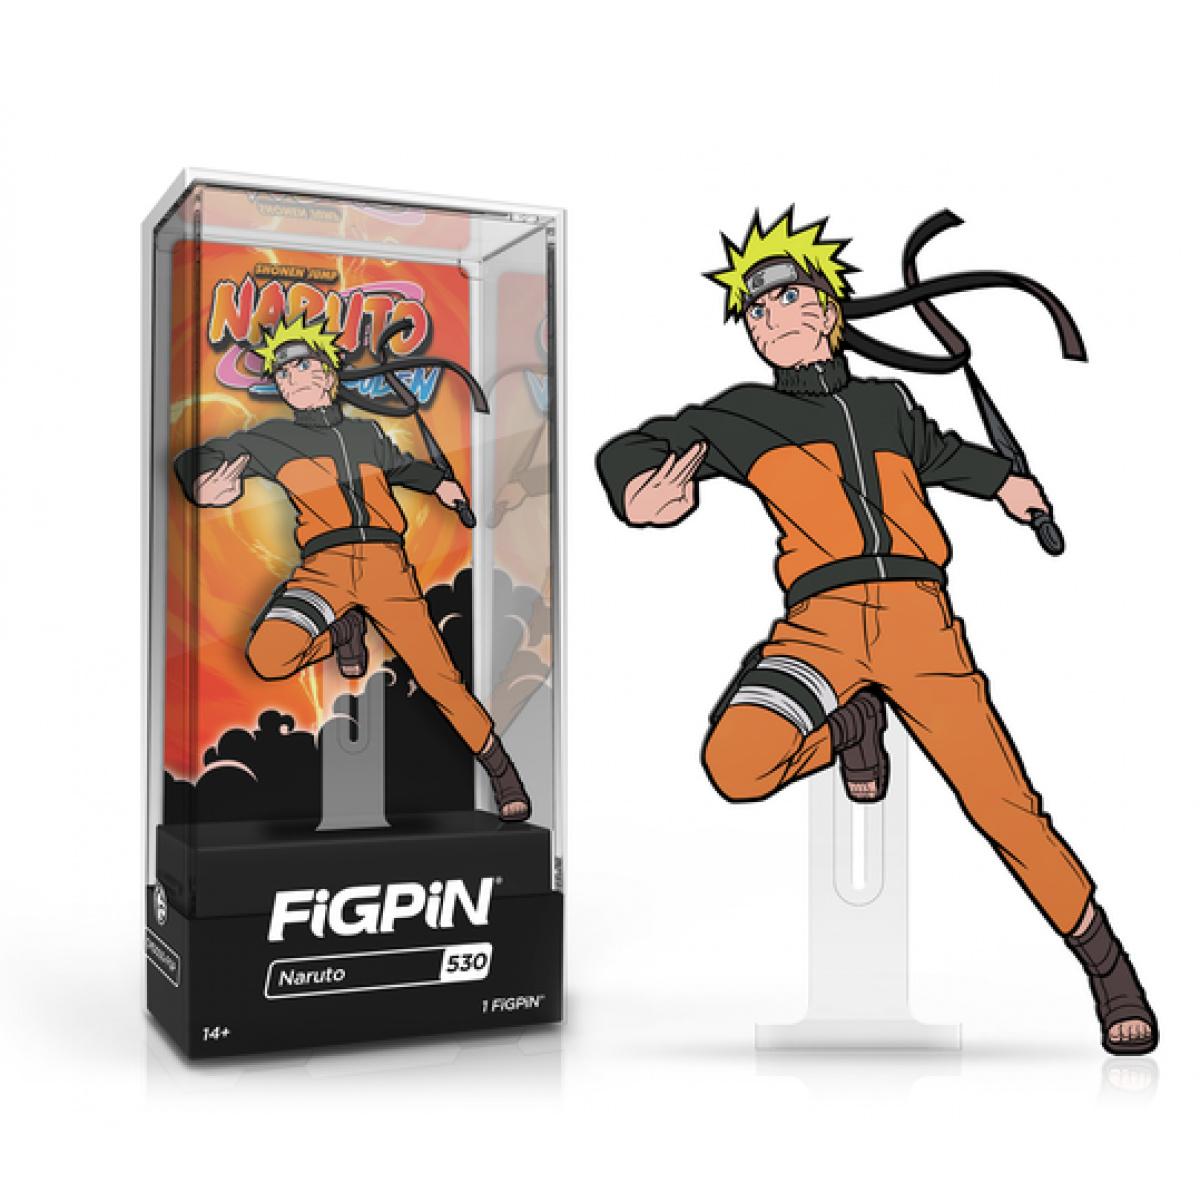 Naruto Shippuden Naruto Uzumaki FiGPiN Classic Enamel Pin Pins 4